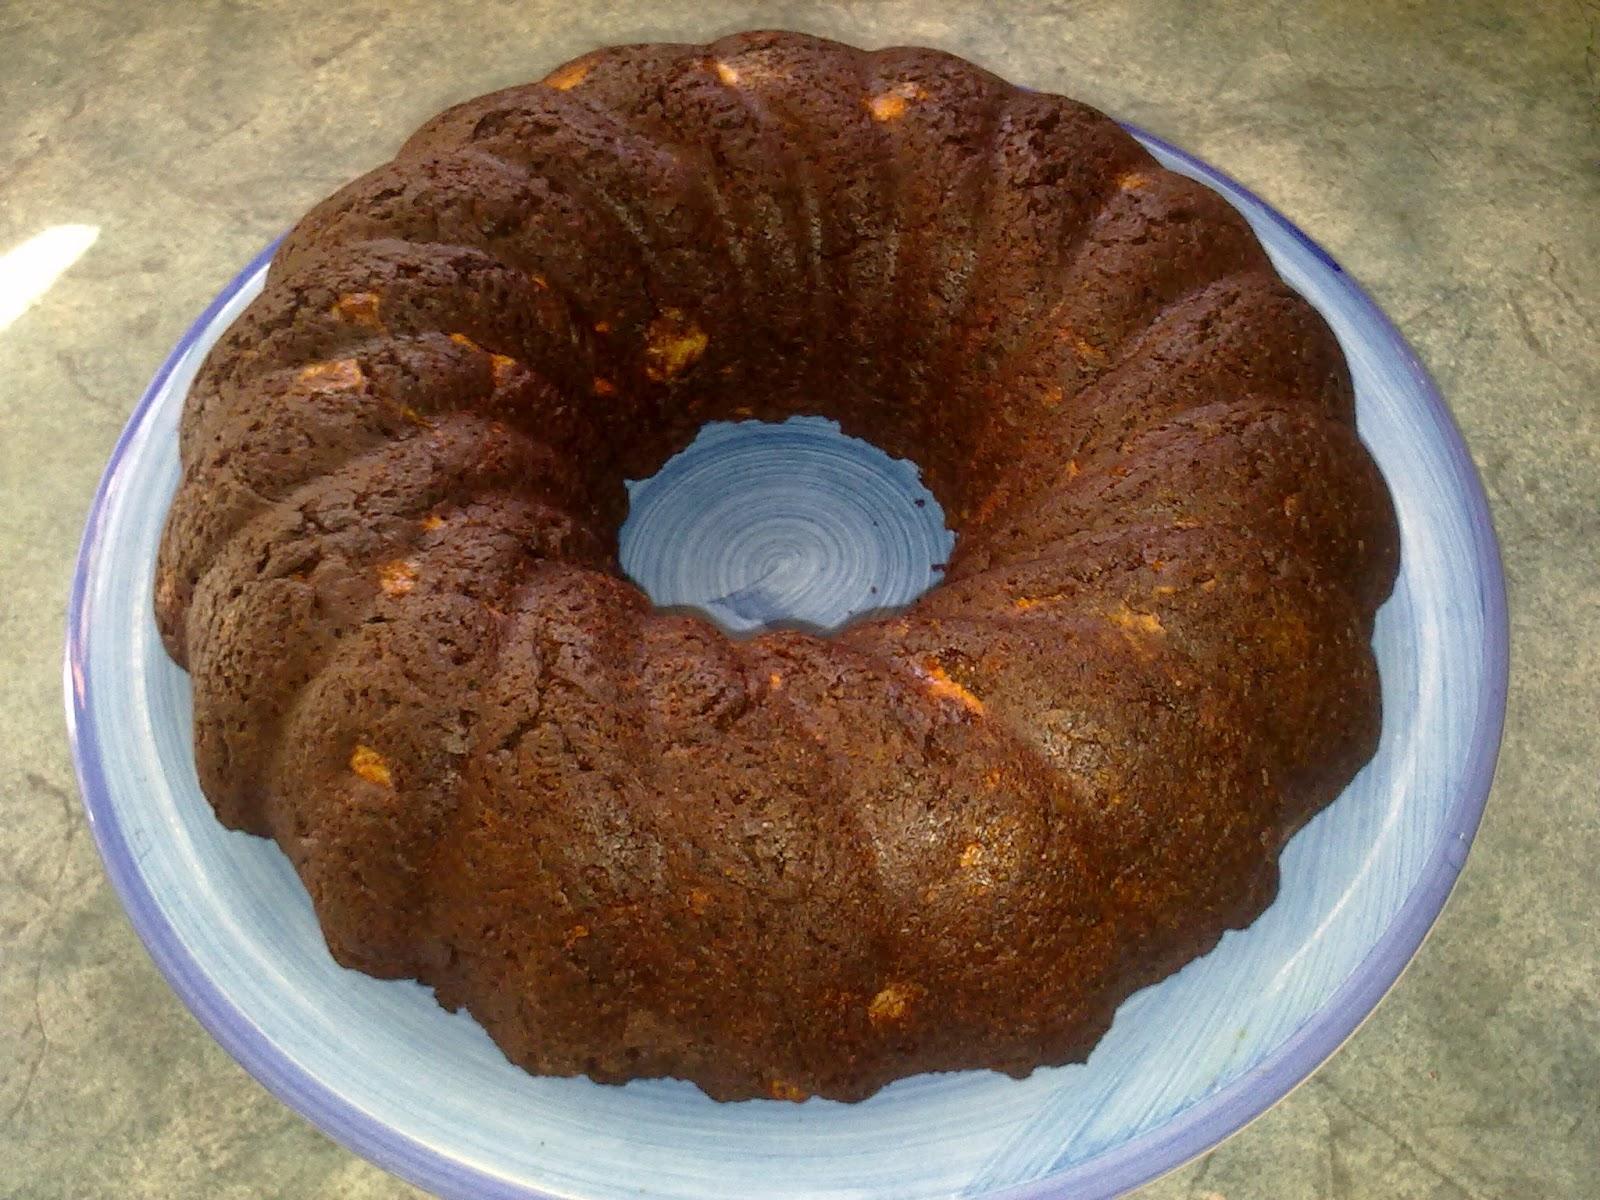 Orgran Chocolate Cake Recipe